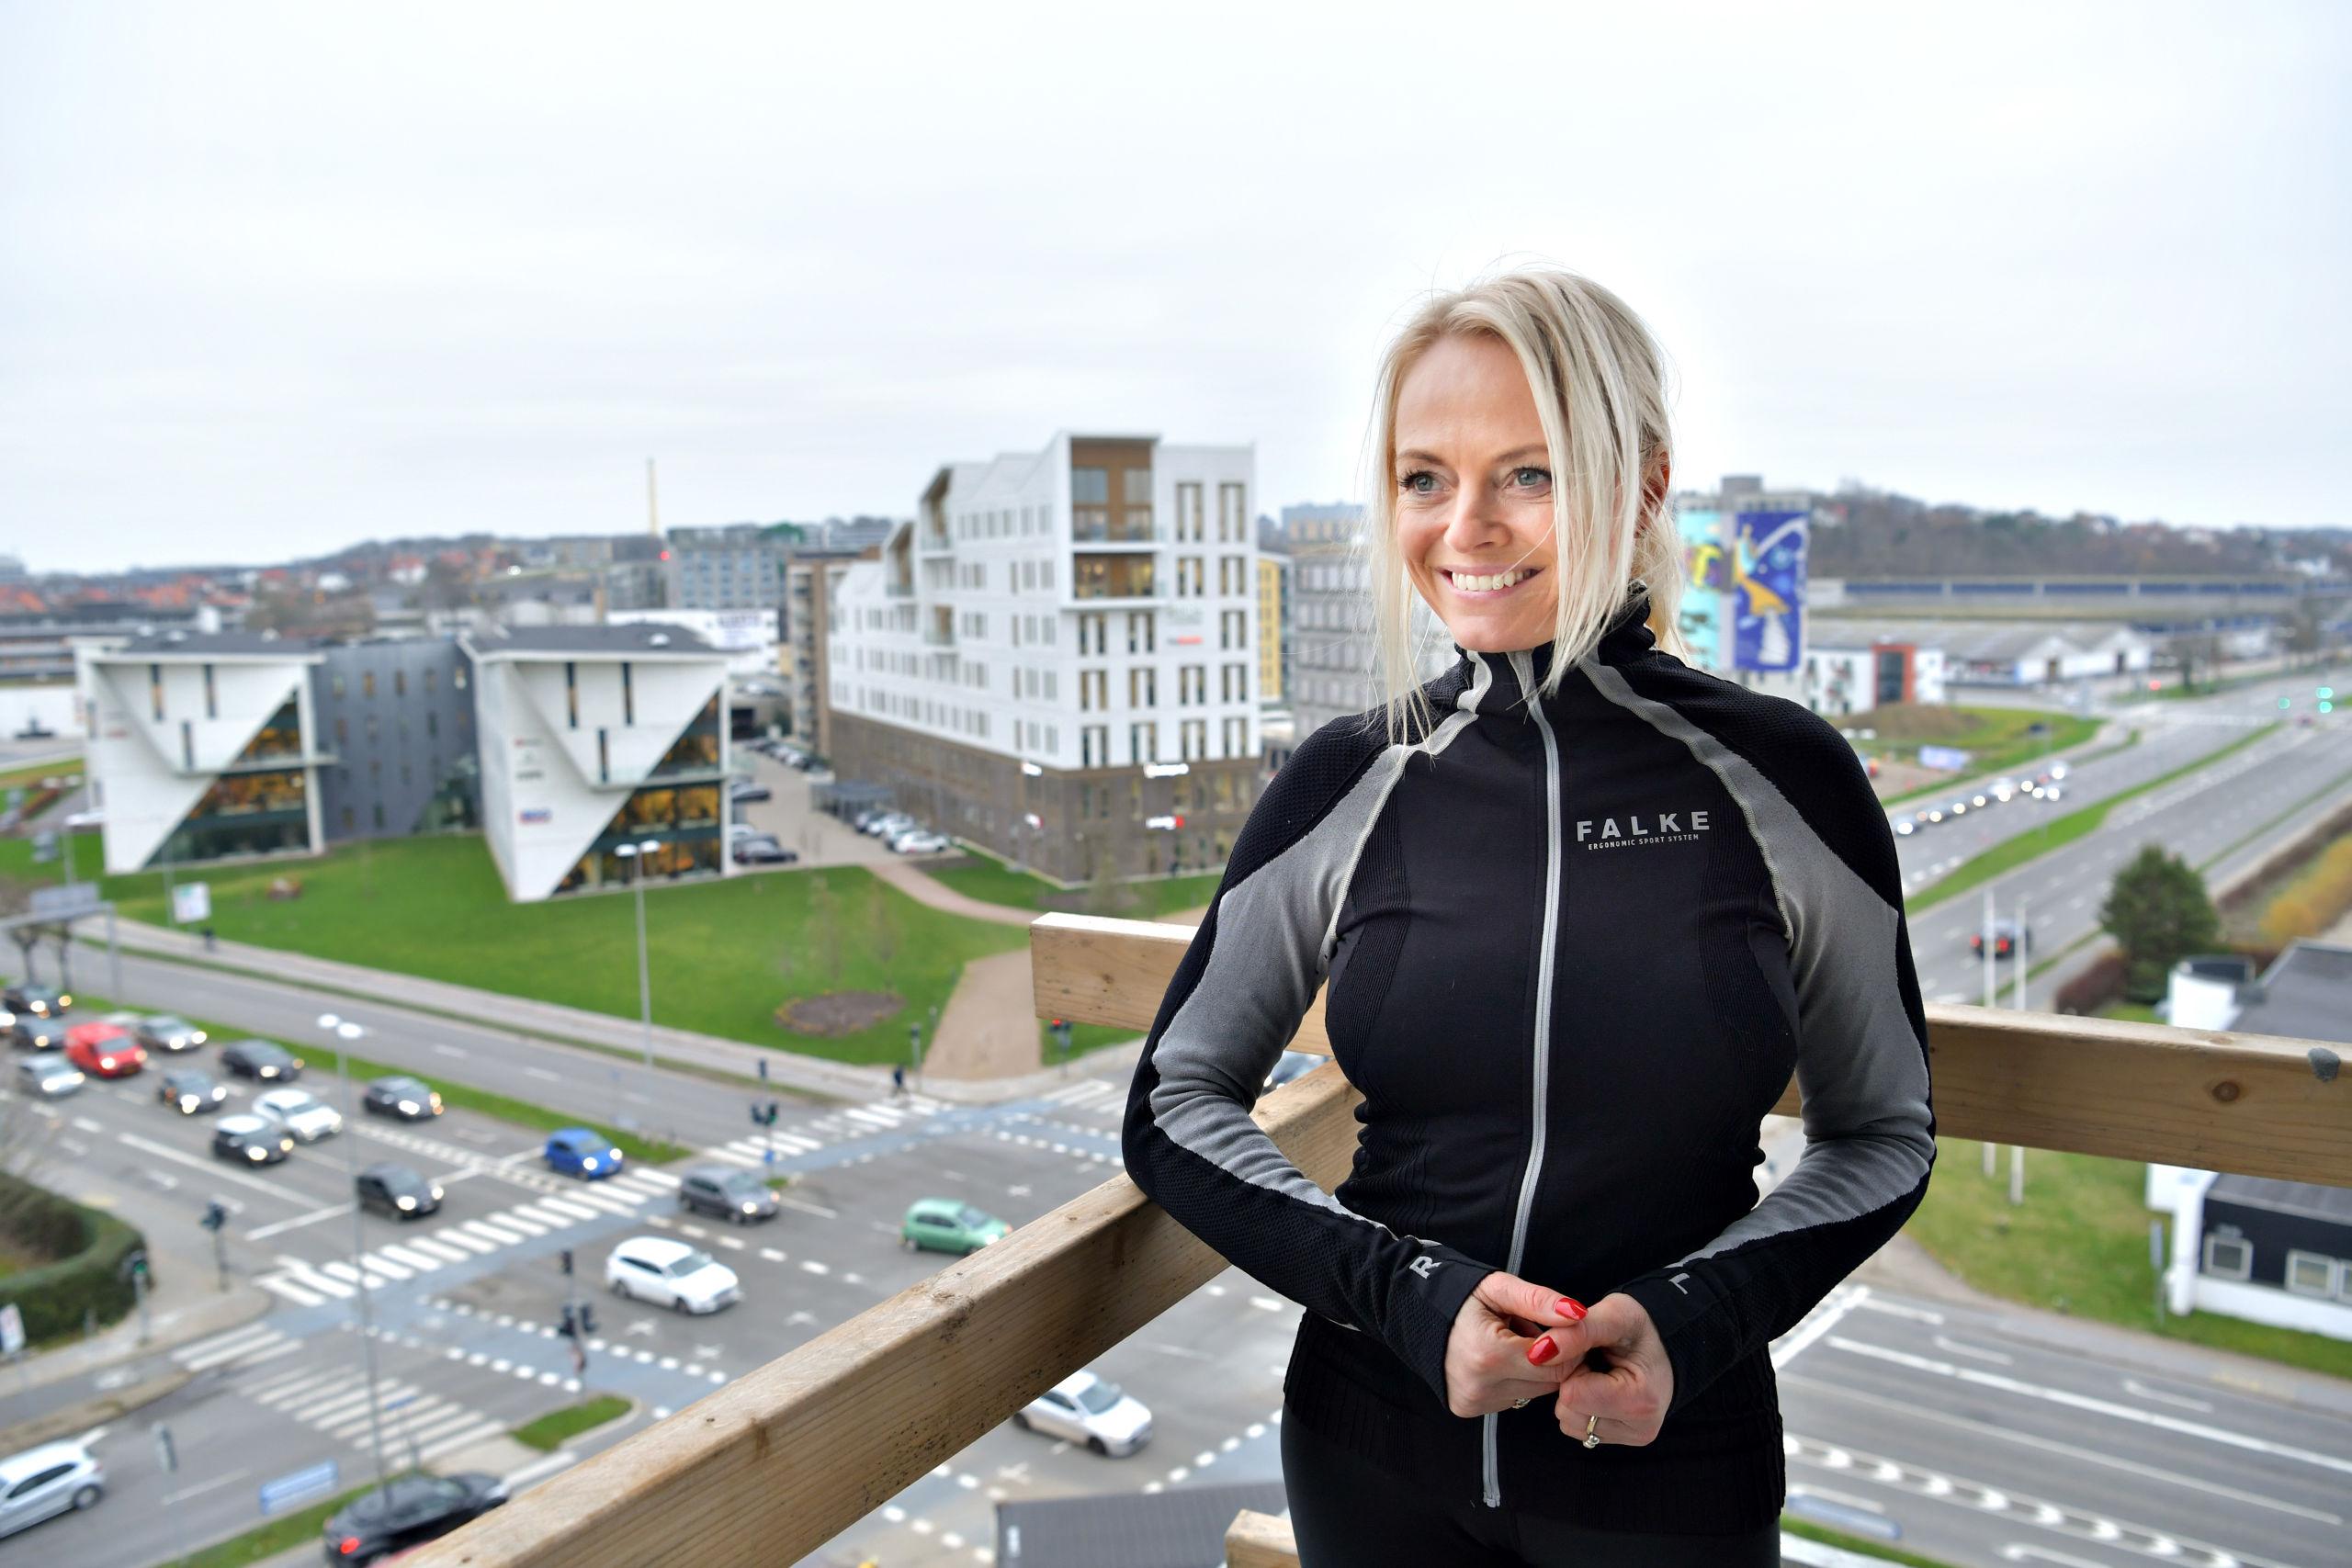 Mette Randorff på toppen af Boxits nye bygning. Hun er kvinden bag en workshop, der skal få pulsen op og give et mentalt boost. Foto: Claus Søndberg